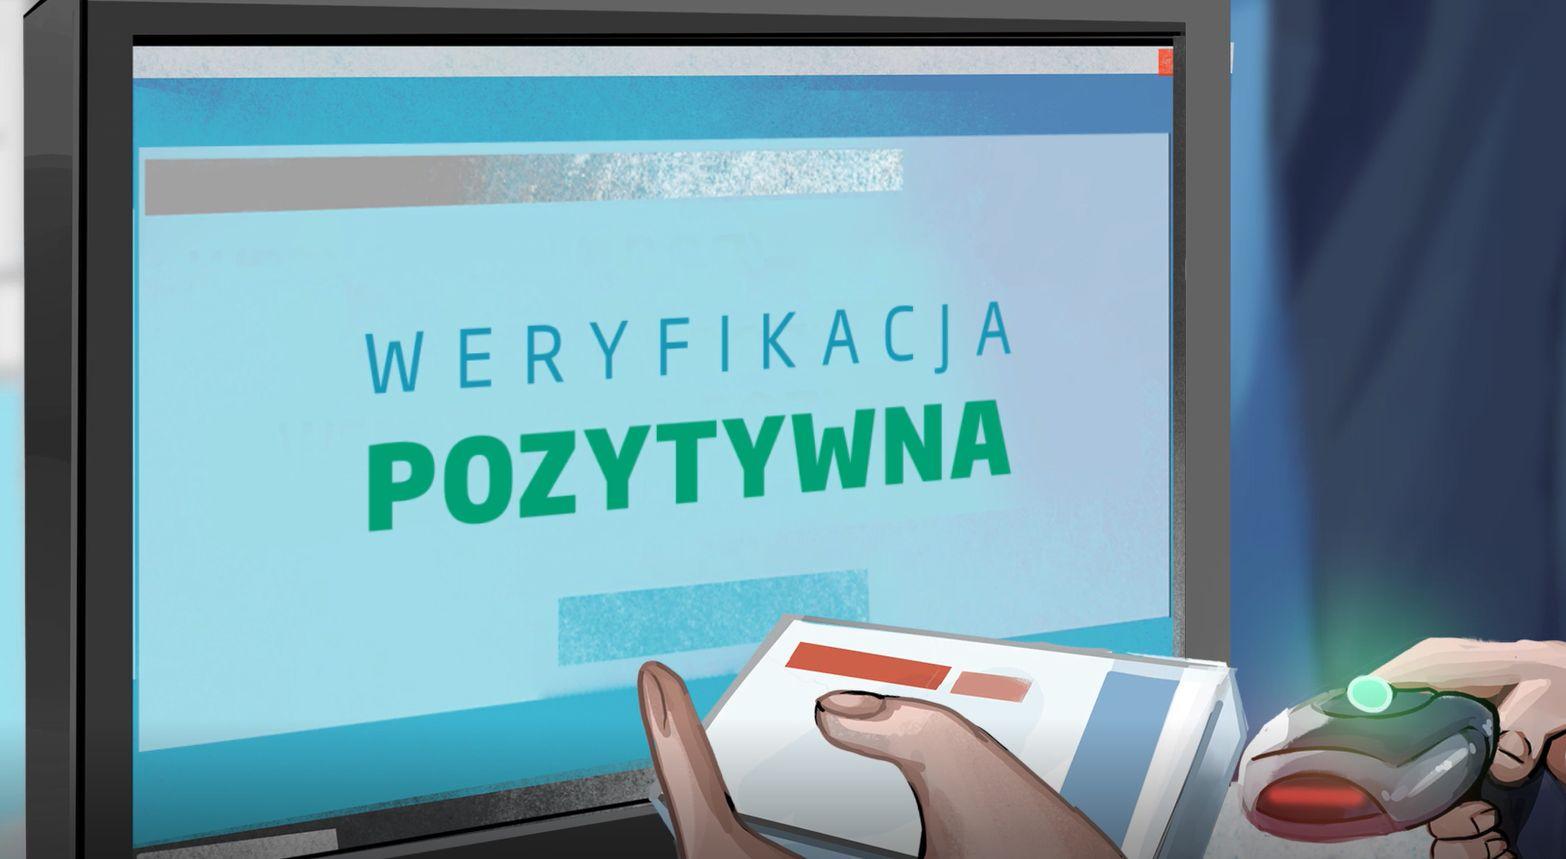 Fundacja KOWAL rozpoczęła proces certyfikacji użytkowników końcowych (apteki, hurtownie), umożliwiający dostęp do krajowego systemu weryfikującego autentyczności leków PLMVS (fot. YouTube)